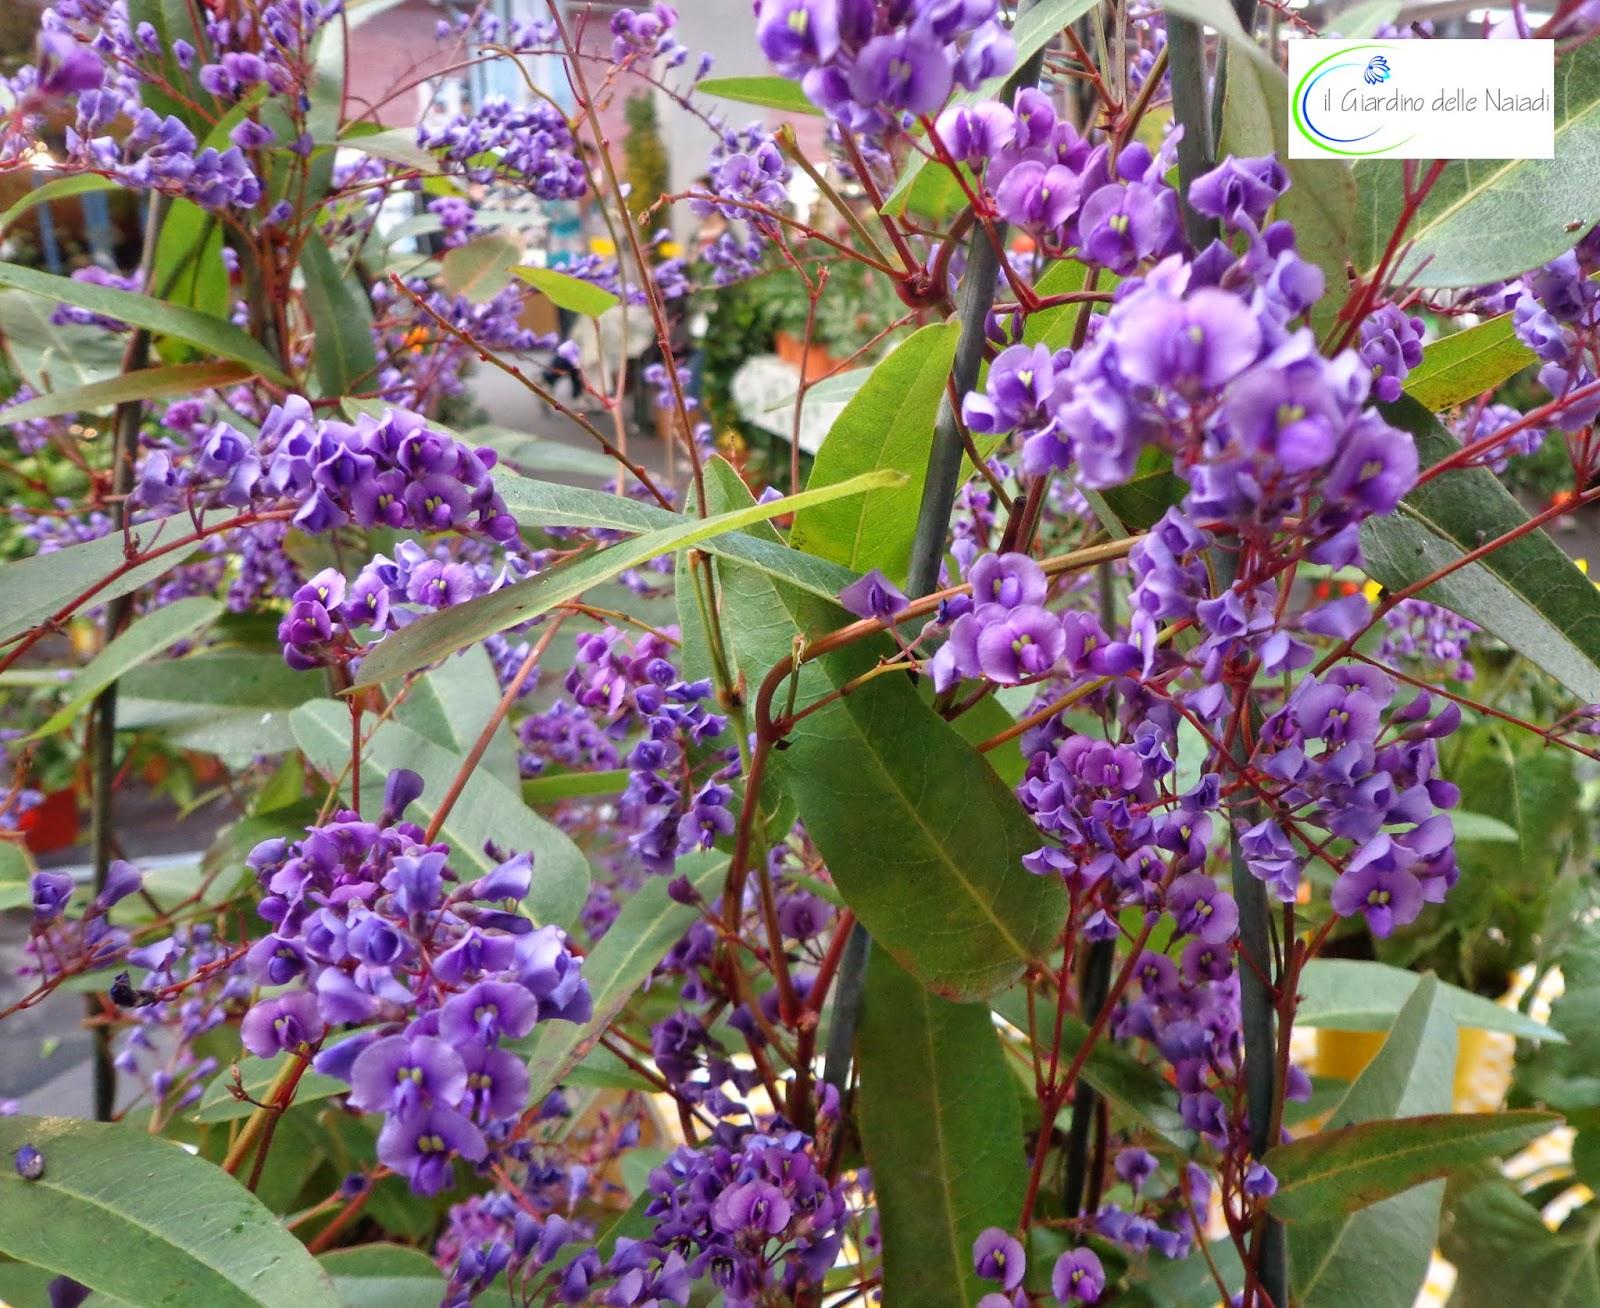 Il giardino delle naiadi handerbergia violacea for Pianta rampicante con fiori viola a grappolo